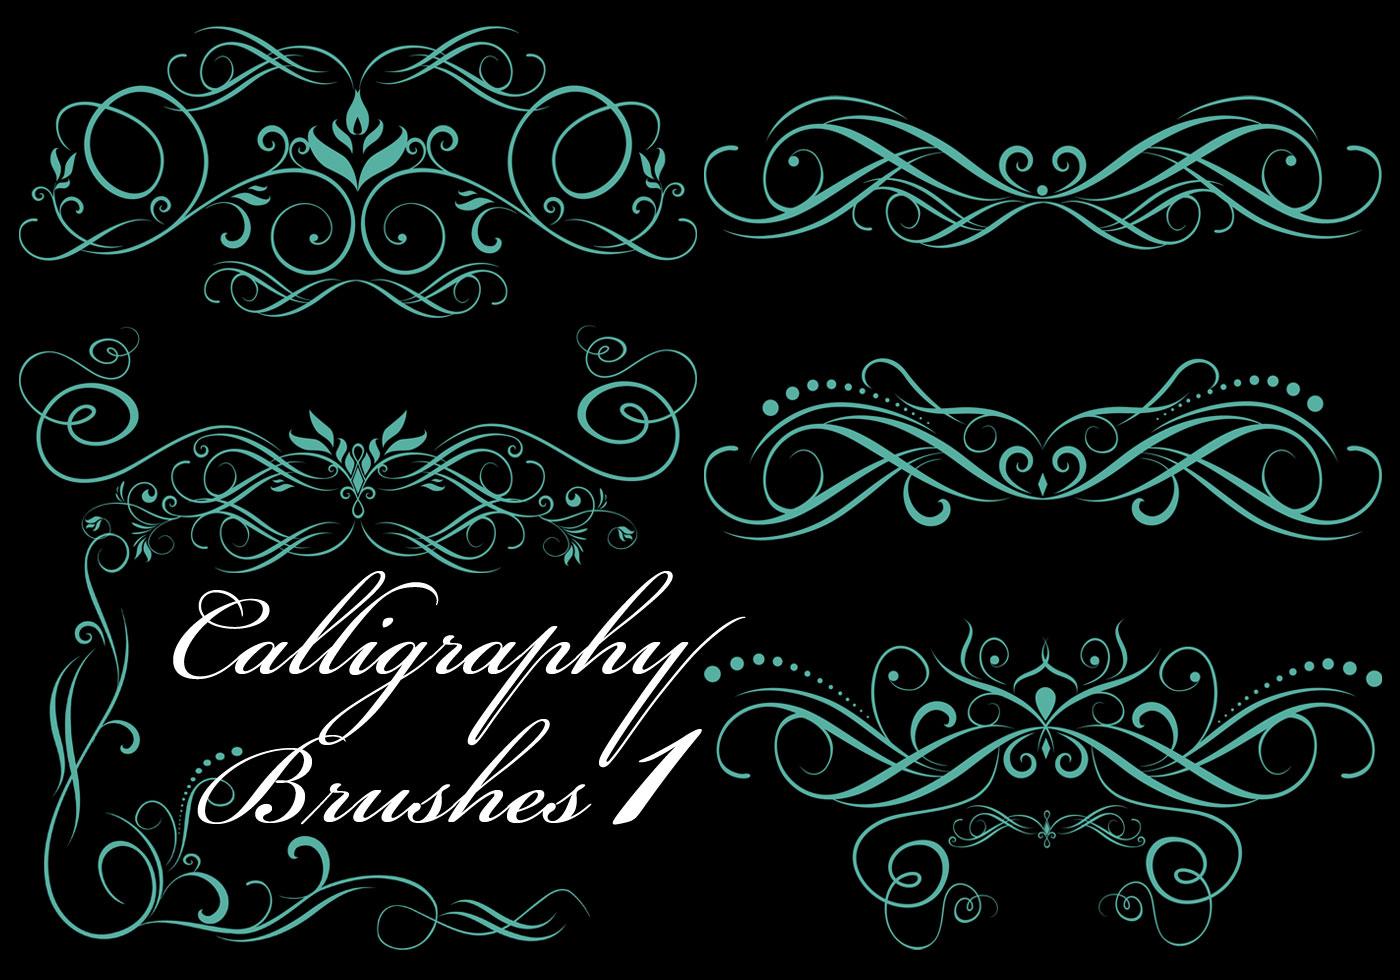 Free Hi Res Calligraphy Elements Photoshop Brushes